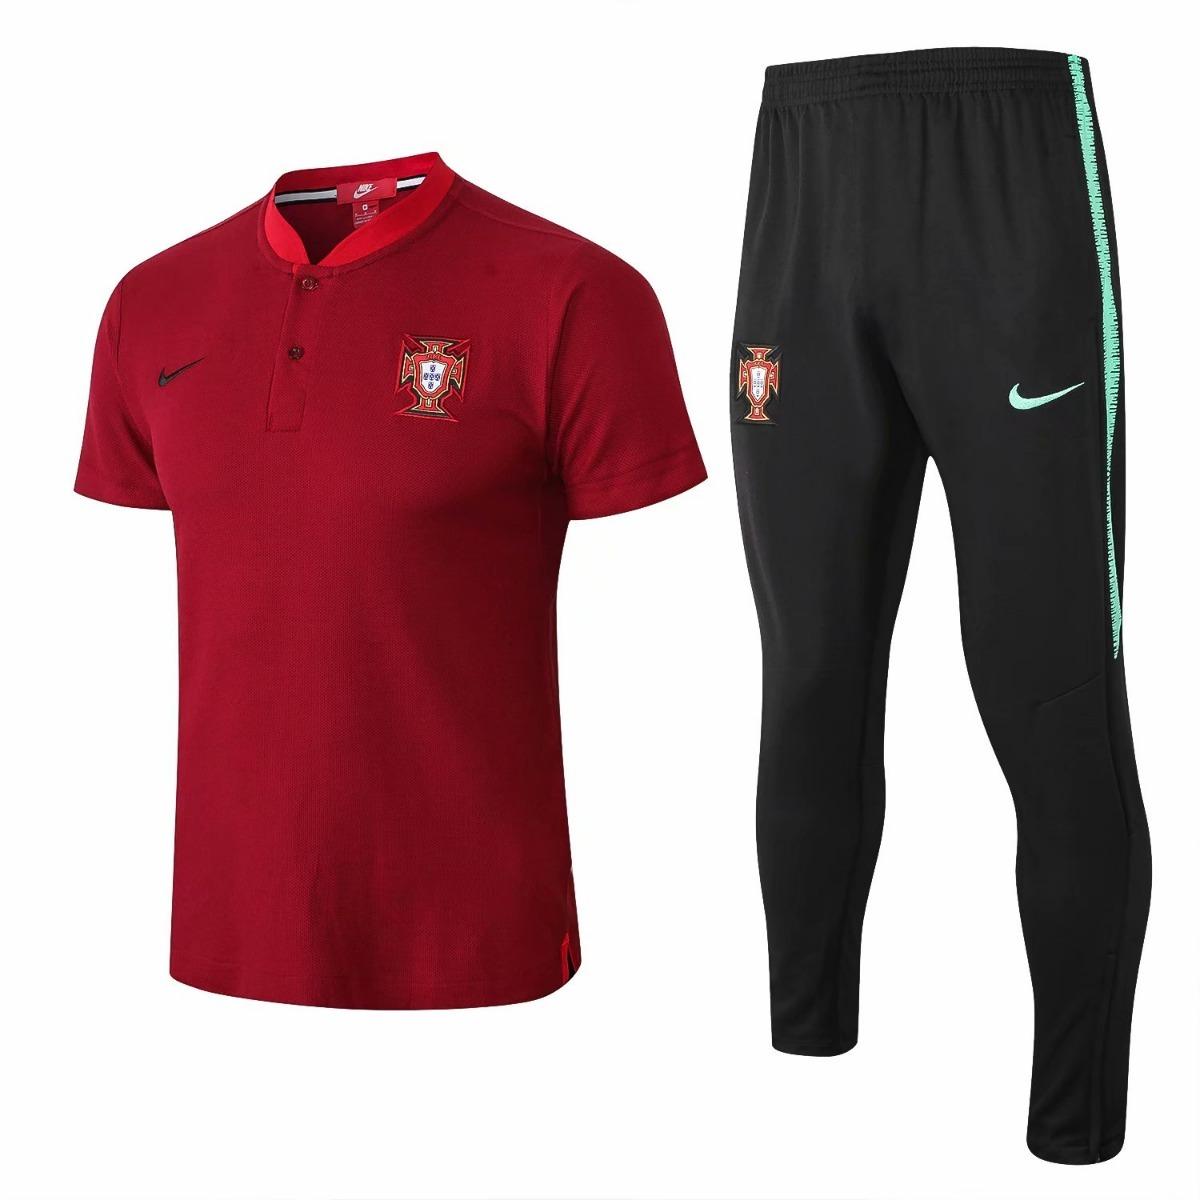 uniforme treino de portugal copa do mundo 2018. Carregando zoom. 378d08dc2f961